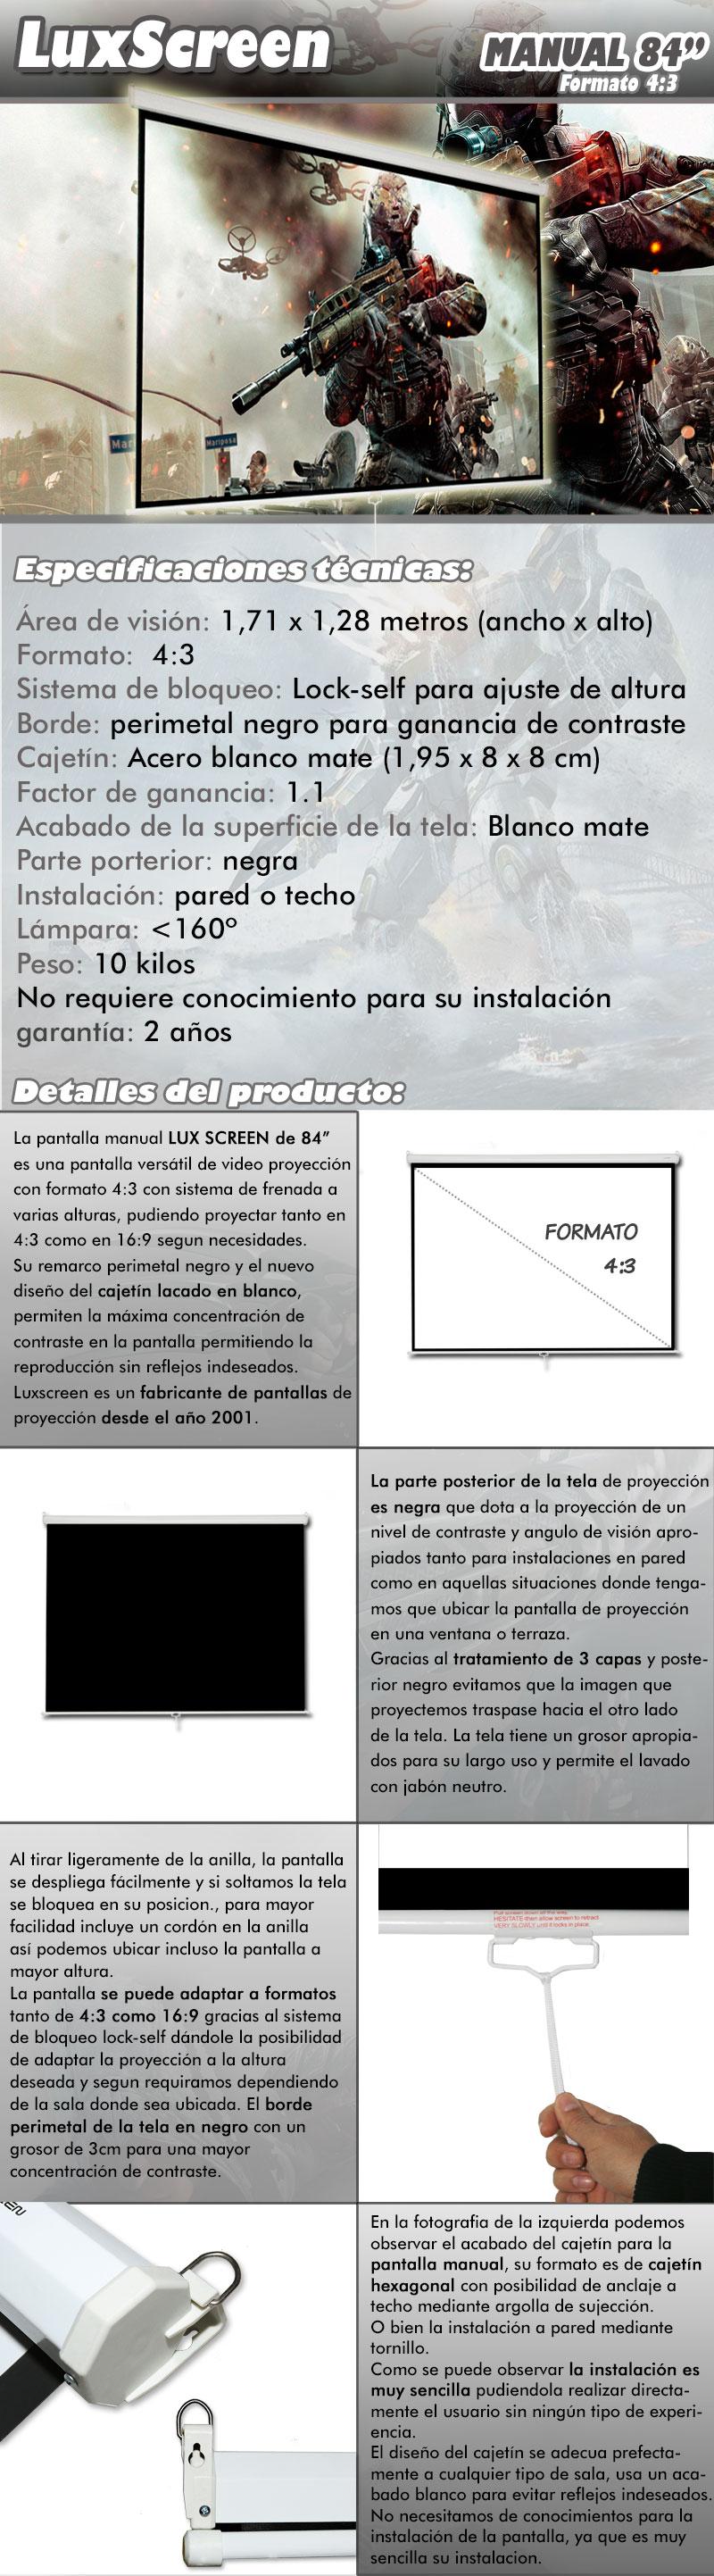 pantalla de proyeccion manual de 84 pulgadas marca luxscreen, es una pantalla versatil de video proyeccion con formato 4:3 y sistema de frenada a varias alturas, pudiendo proyectar tanto en 4:3 como en 16:9 segun necesidades. Su remarco perimetal negro y el nuevo diseño de cajetin blanco lacado permiten la maxima concentracion de contraste en la pantalla permitiendo la reproduccion sin reflejos indeseados. Luxscreen es un fabricante de pantalla de proyeccion desde el año 2001